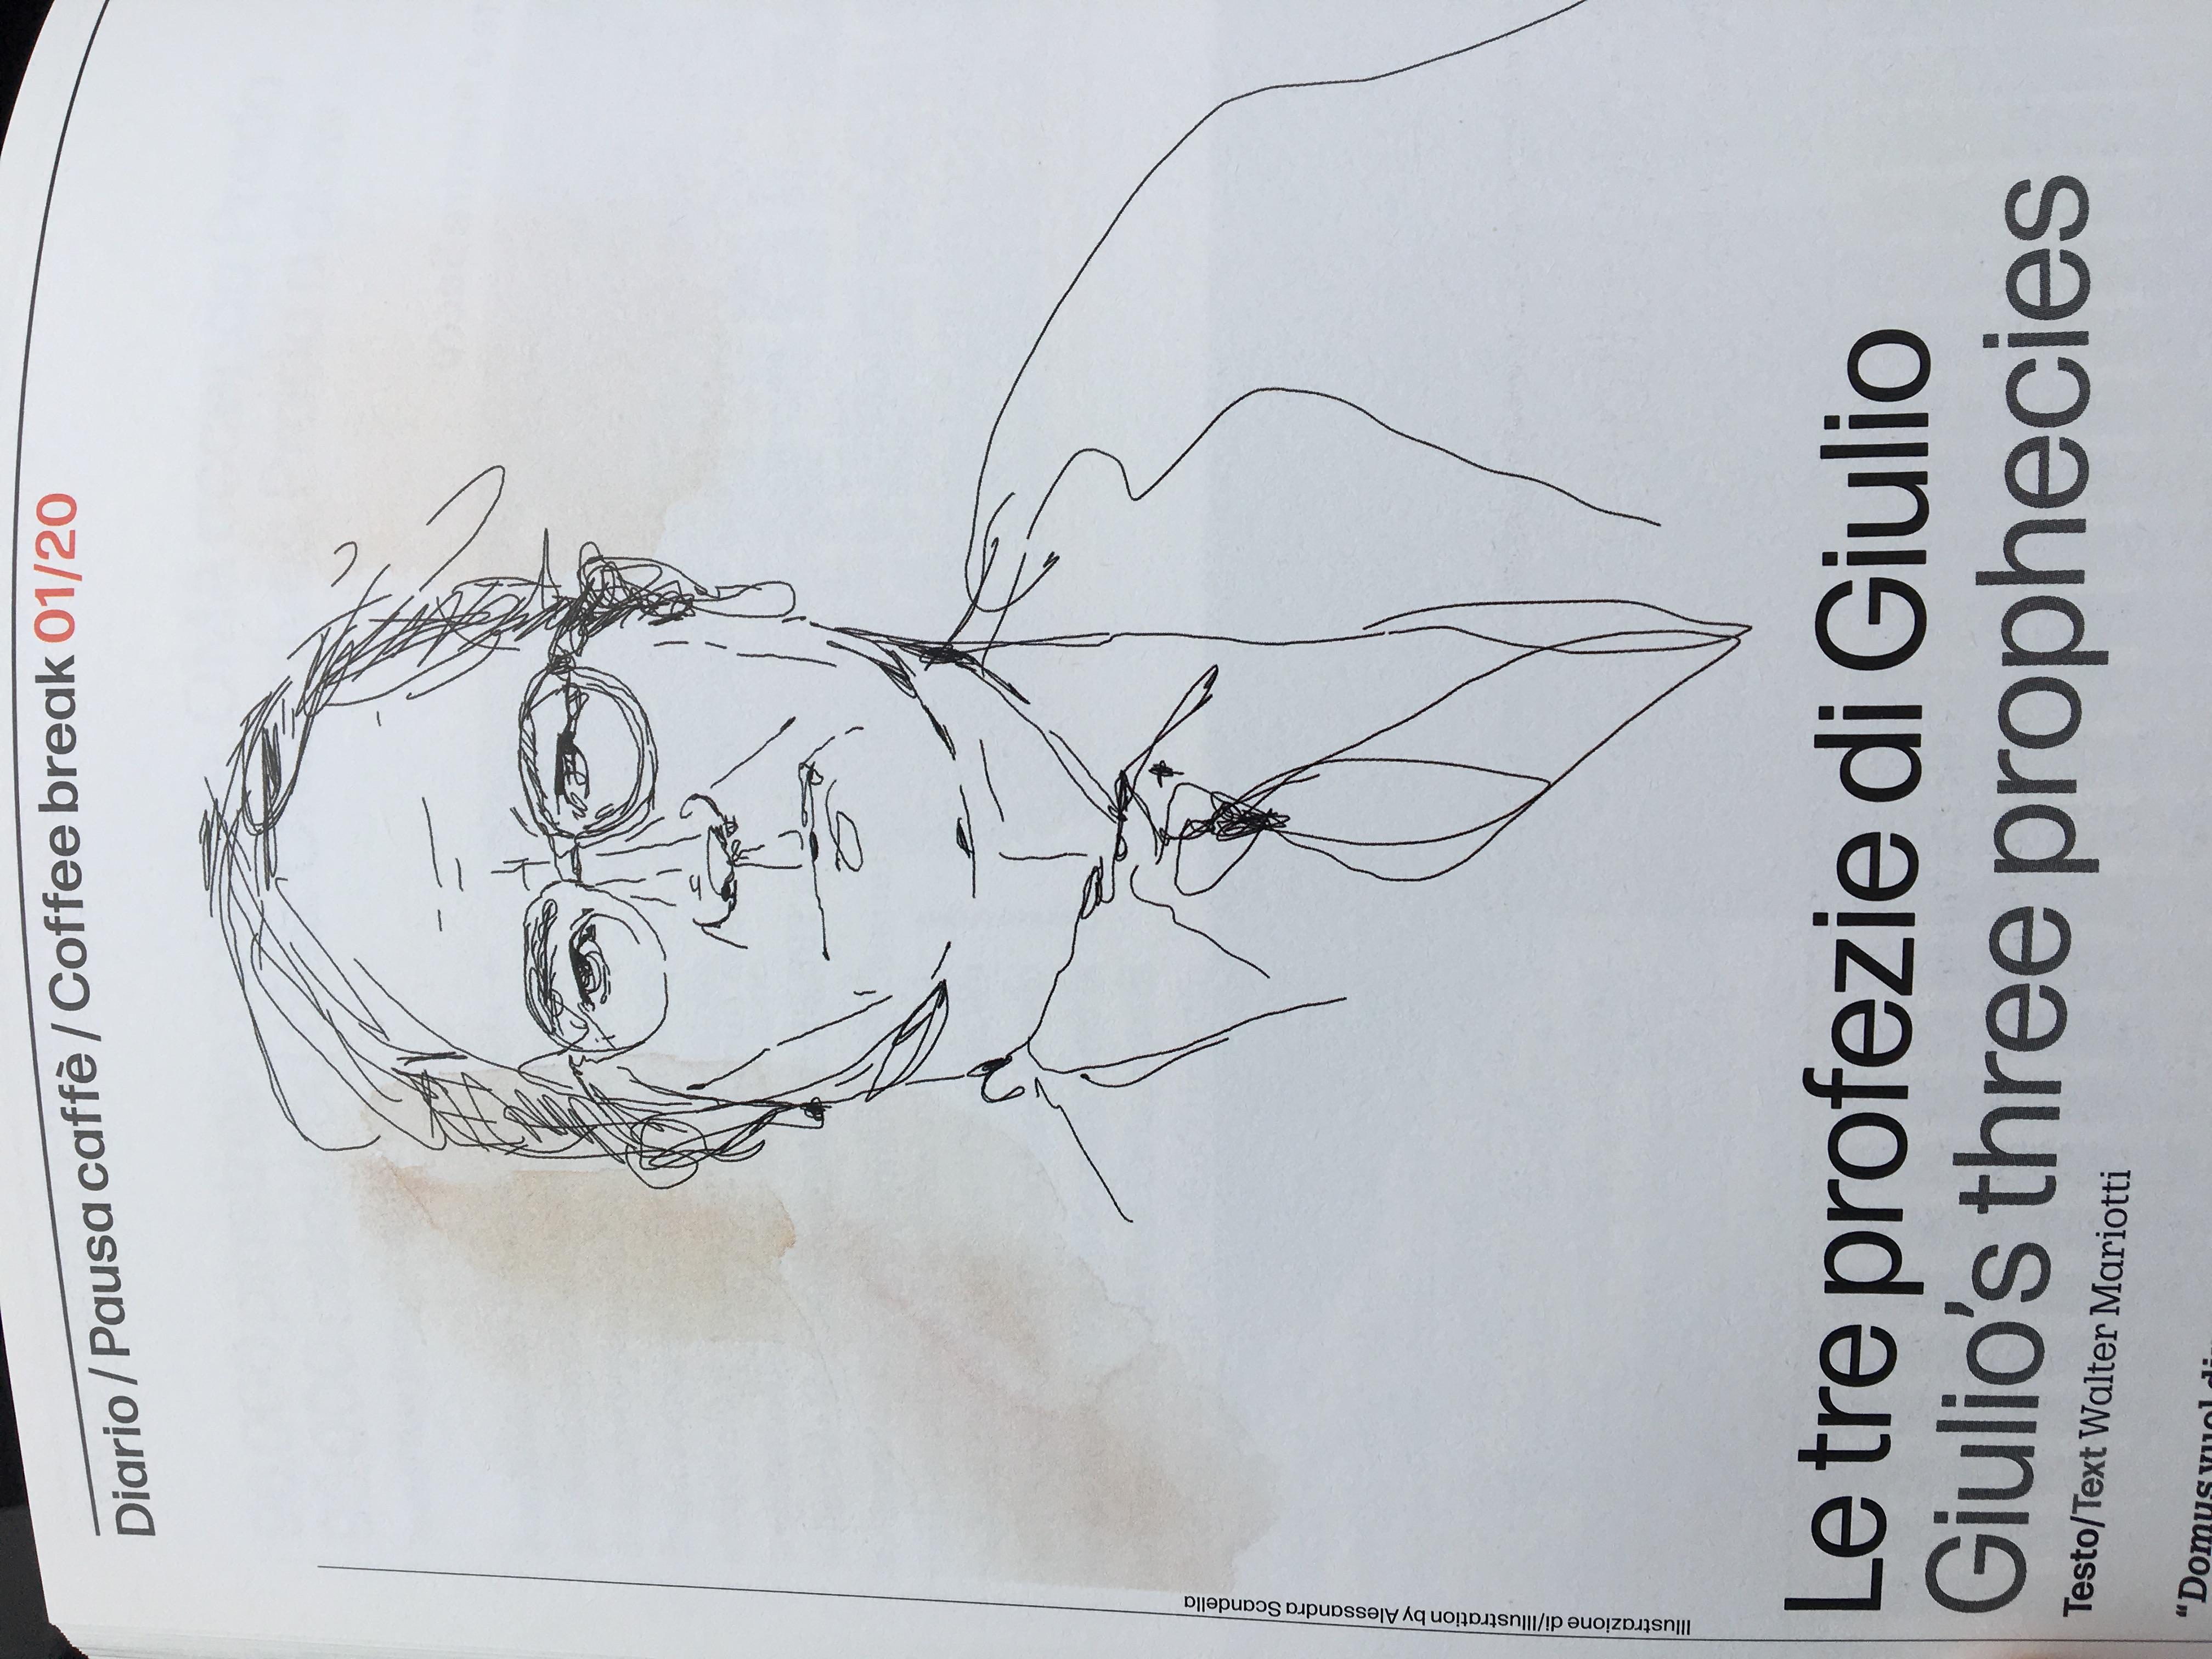 A watercolor illustration for Domus magazine, portrait of Giulio Tremonti